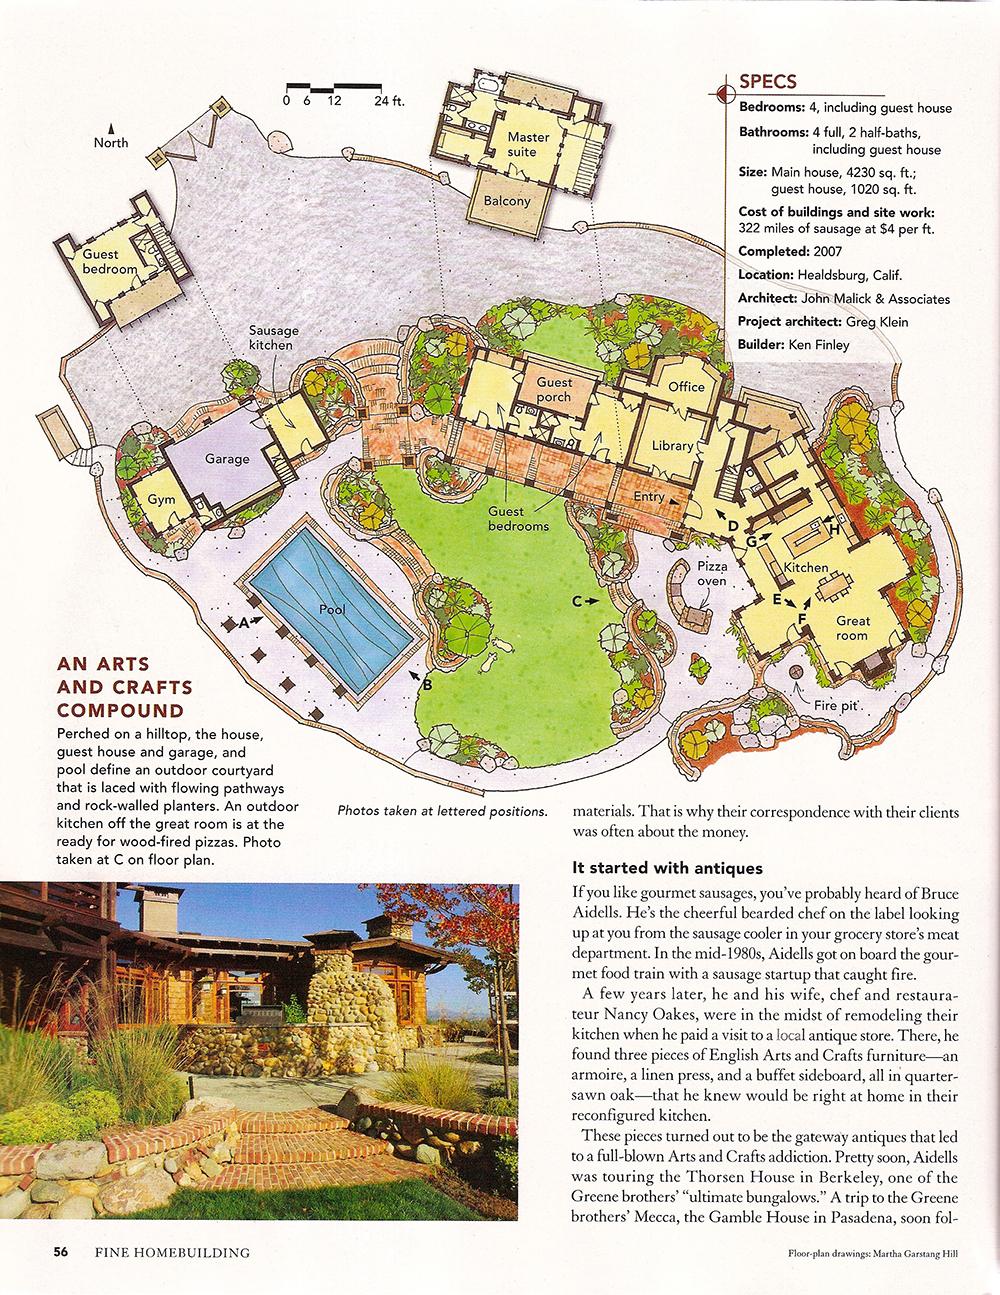 Fine Homebuilding Article Summer 2010